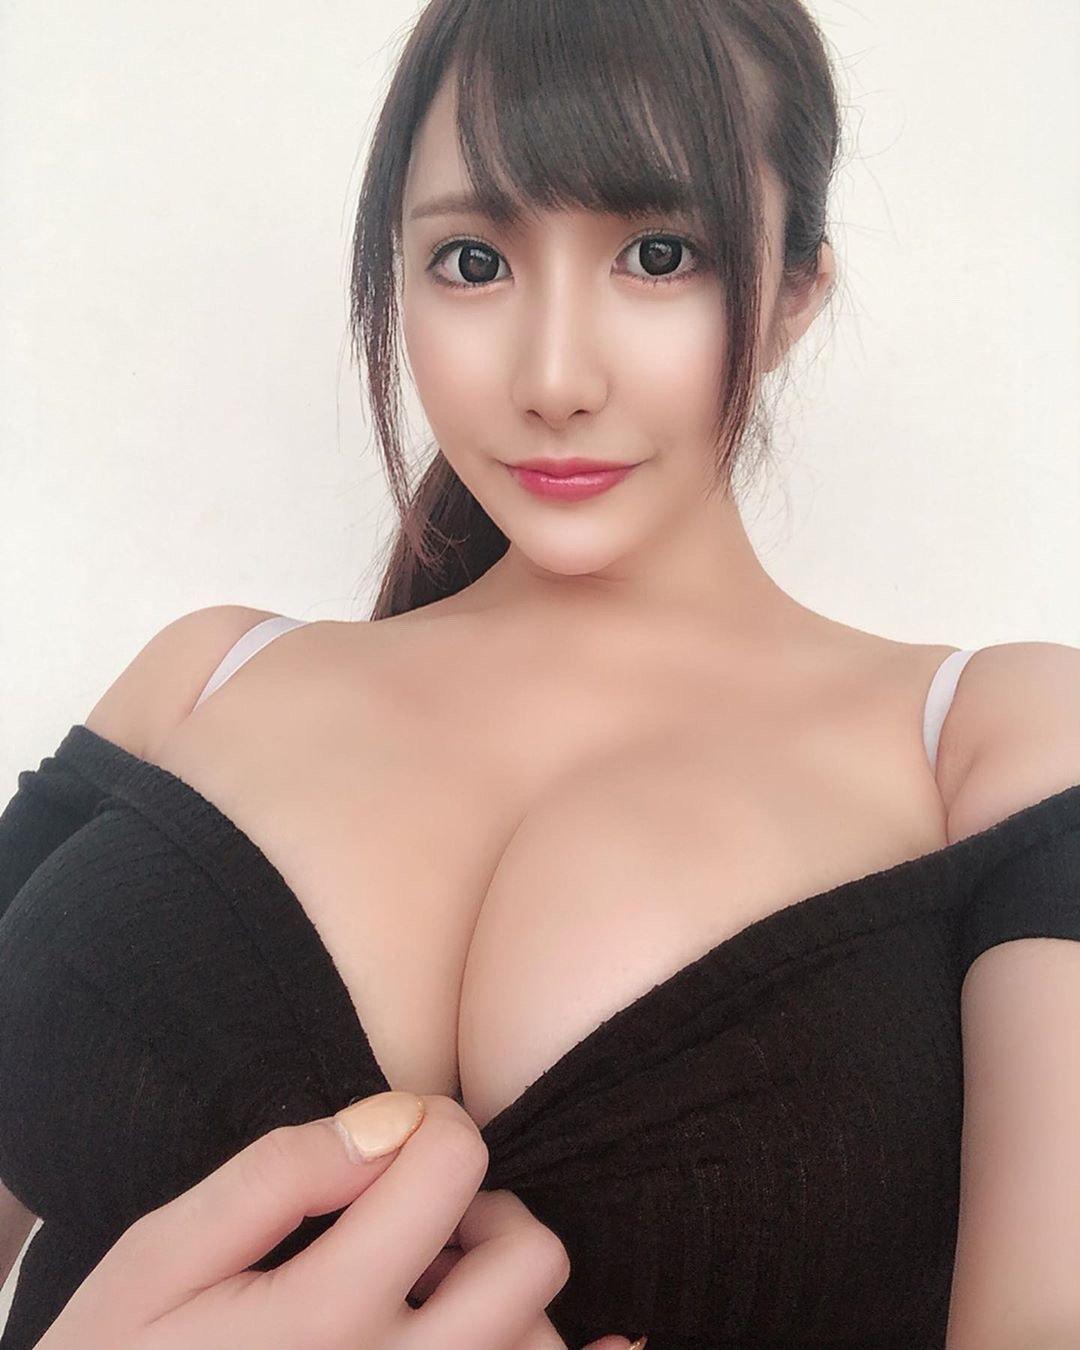 大胸長腿身材惹火的混血美女主播趙芷彤